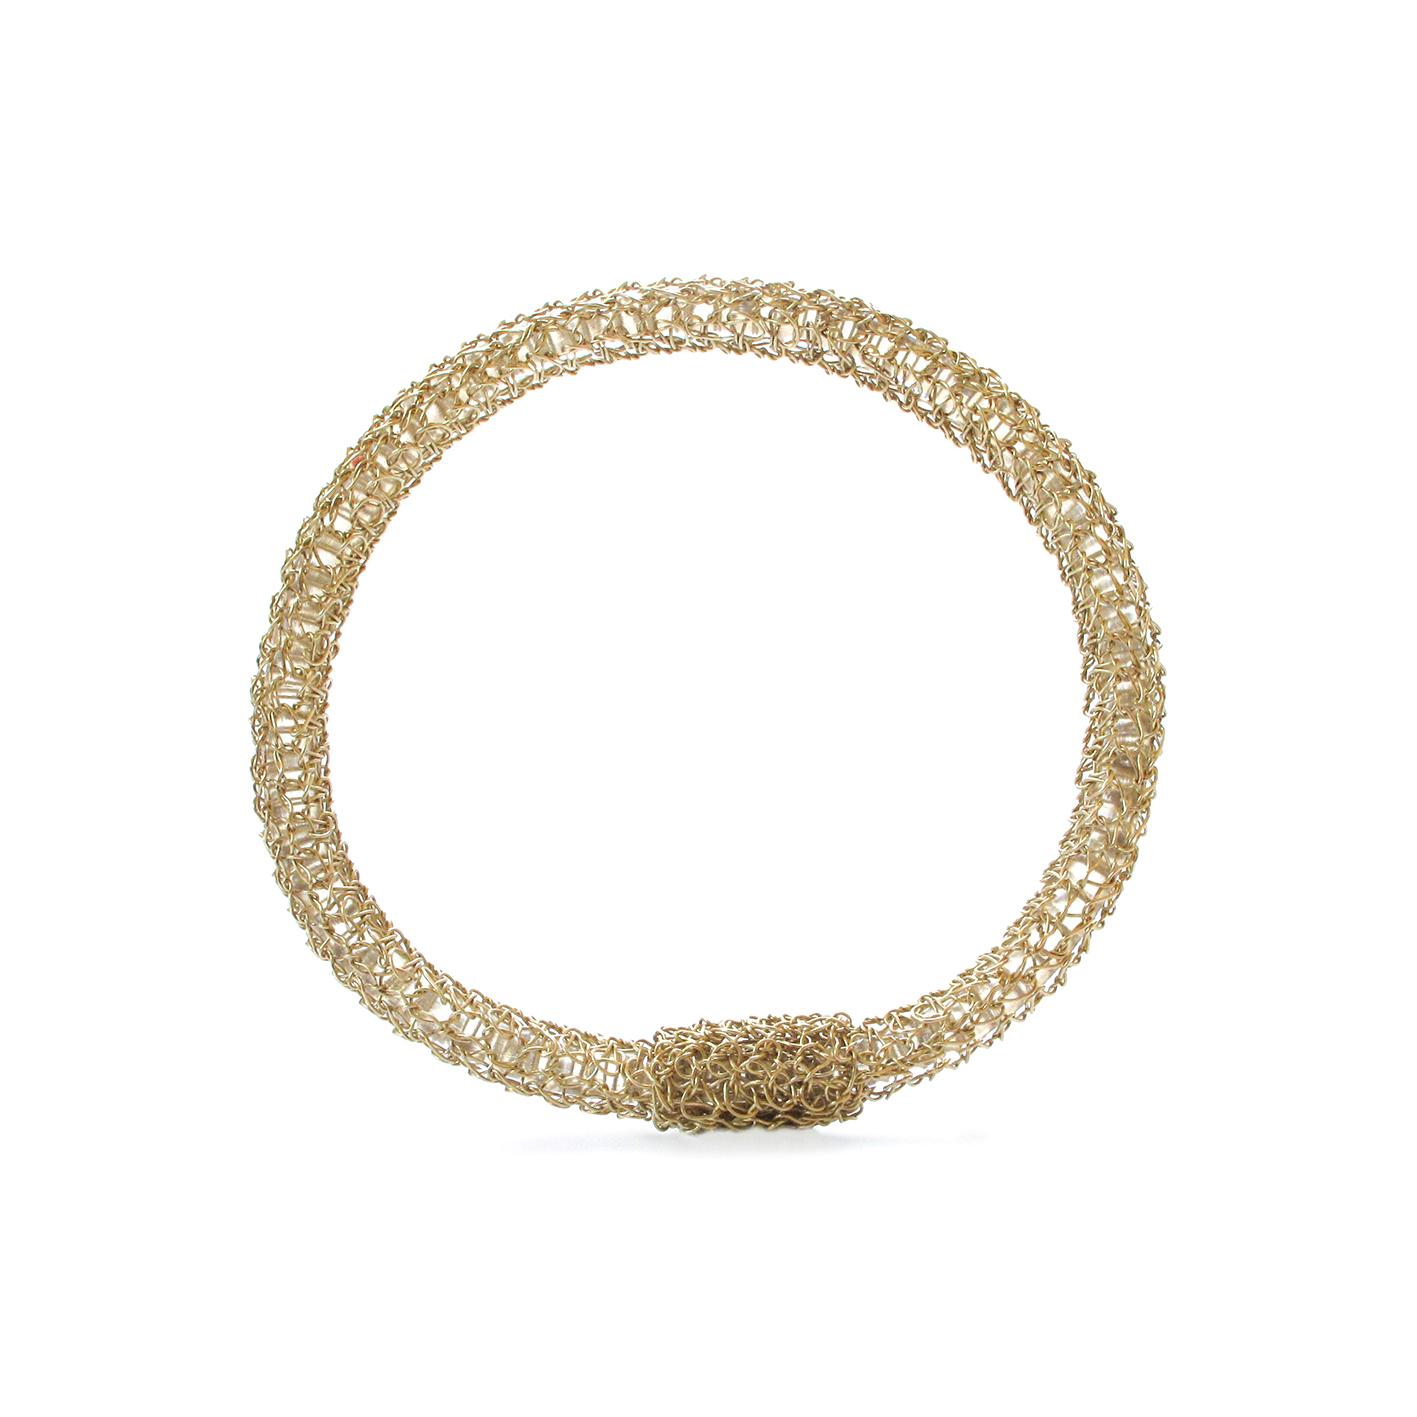 Bracelet brodé. Réalisé à la main au fil d'or 18 carats.